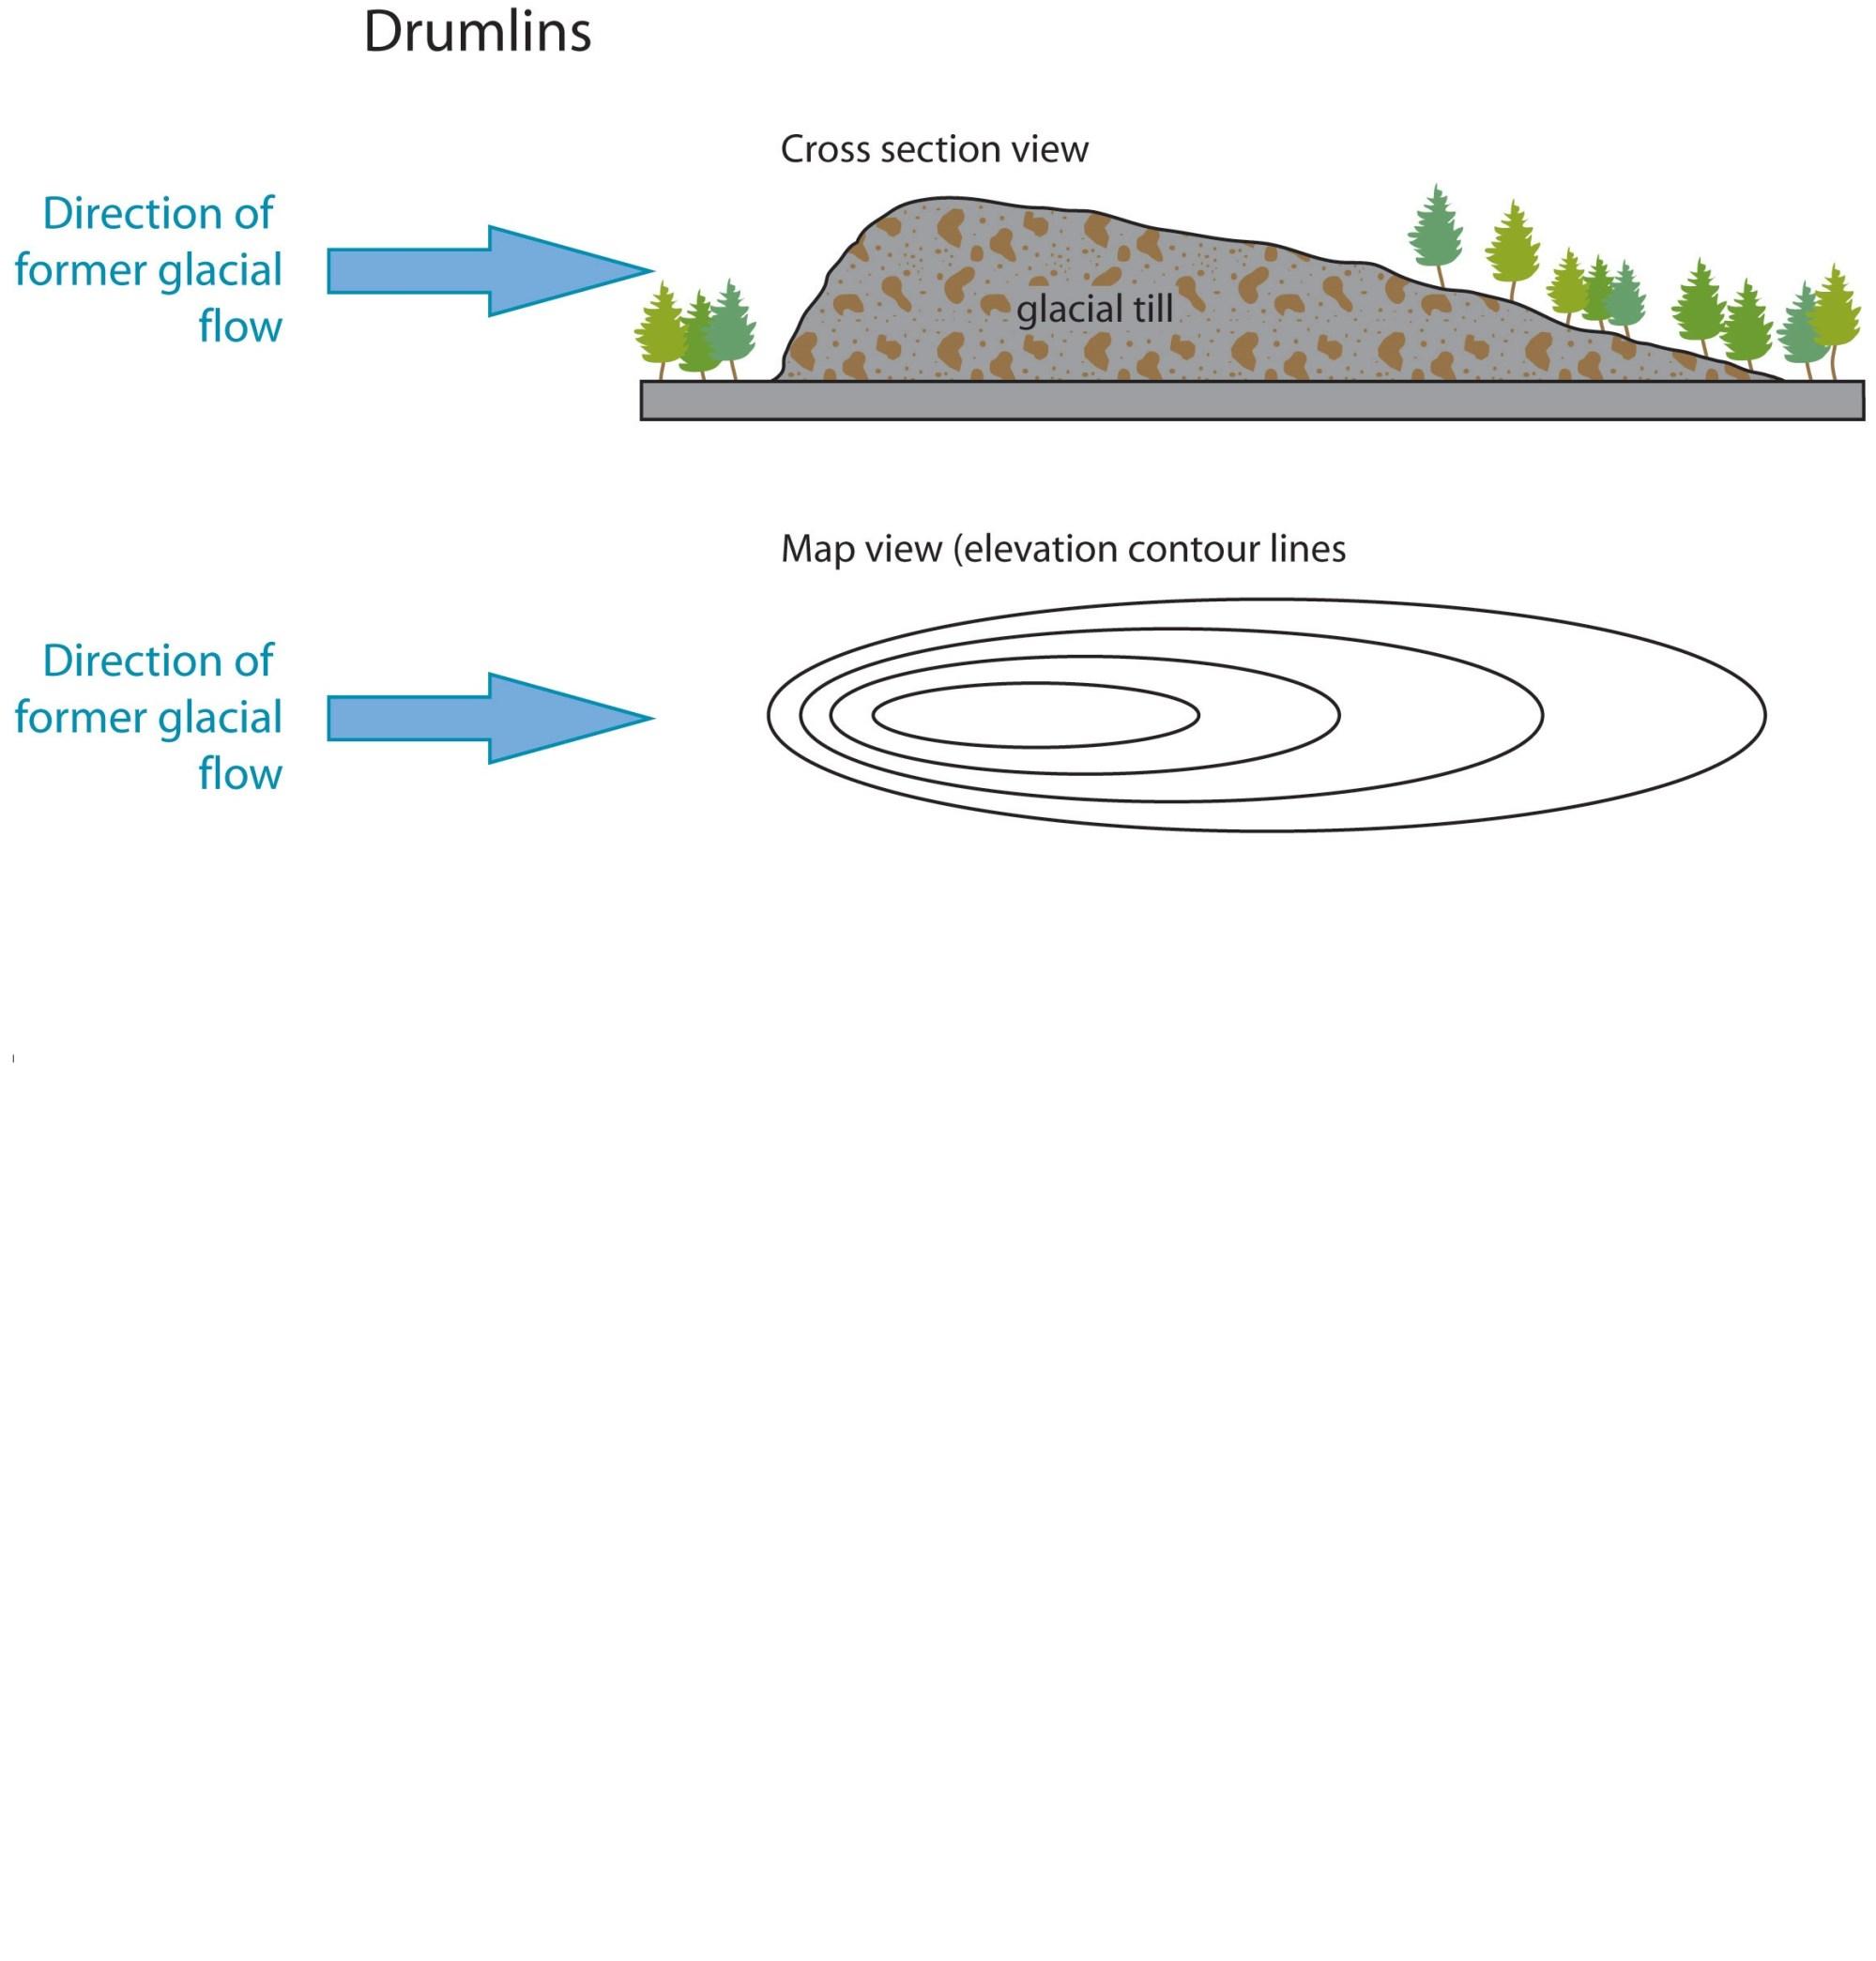 hight resolution of drumlin diagram